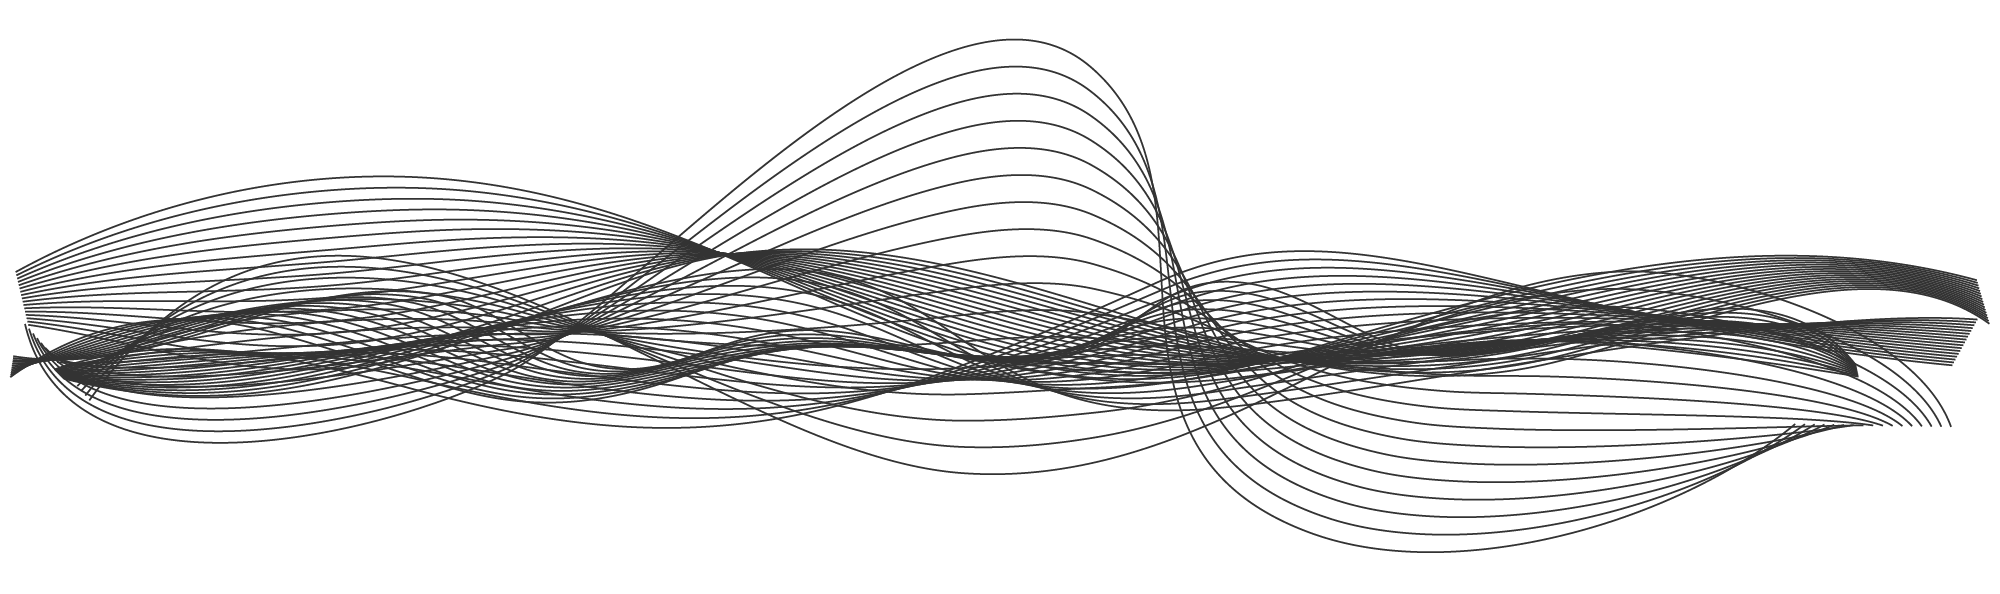 Zwarte lijnen die door elkaar lopen, wisselend van elkaar afgaan en naar elkaar toegaan. Het is een symbolisering van meningen die soms gelijklopen en soms niet.